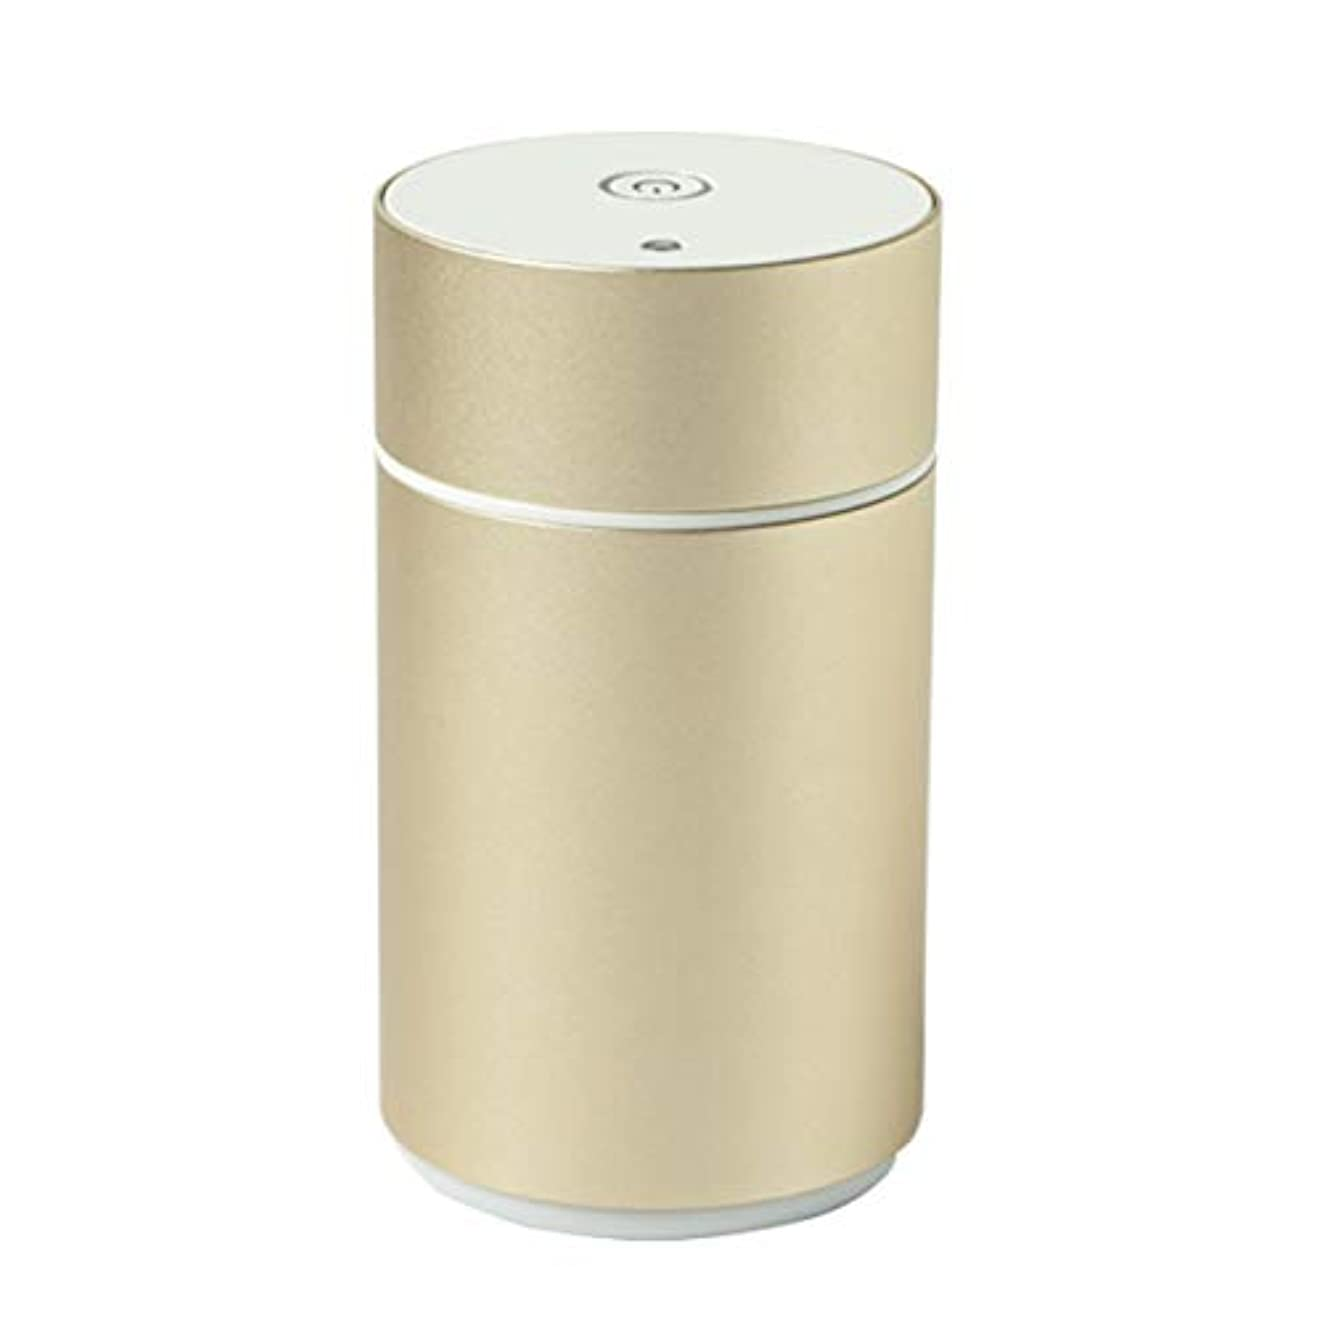 ディスカウント風景憲法生活の木 アロモア ミニ ゴールド (aromore mini gold) (エッセンシャルオイルディフューザー) (圧縮微粒子式アロマディフューザー)